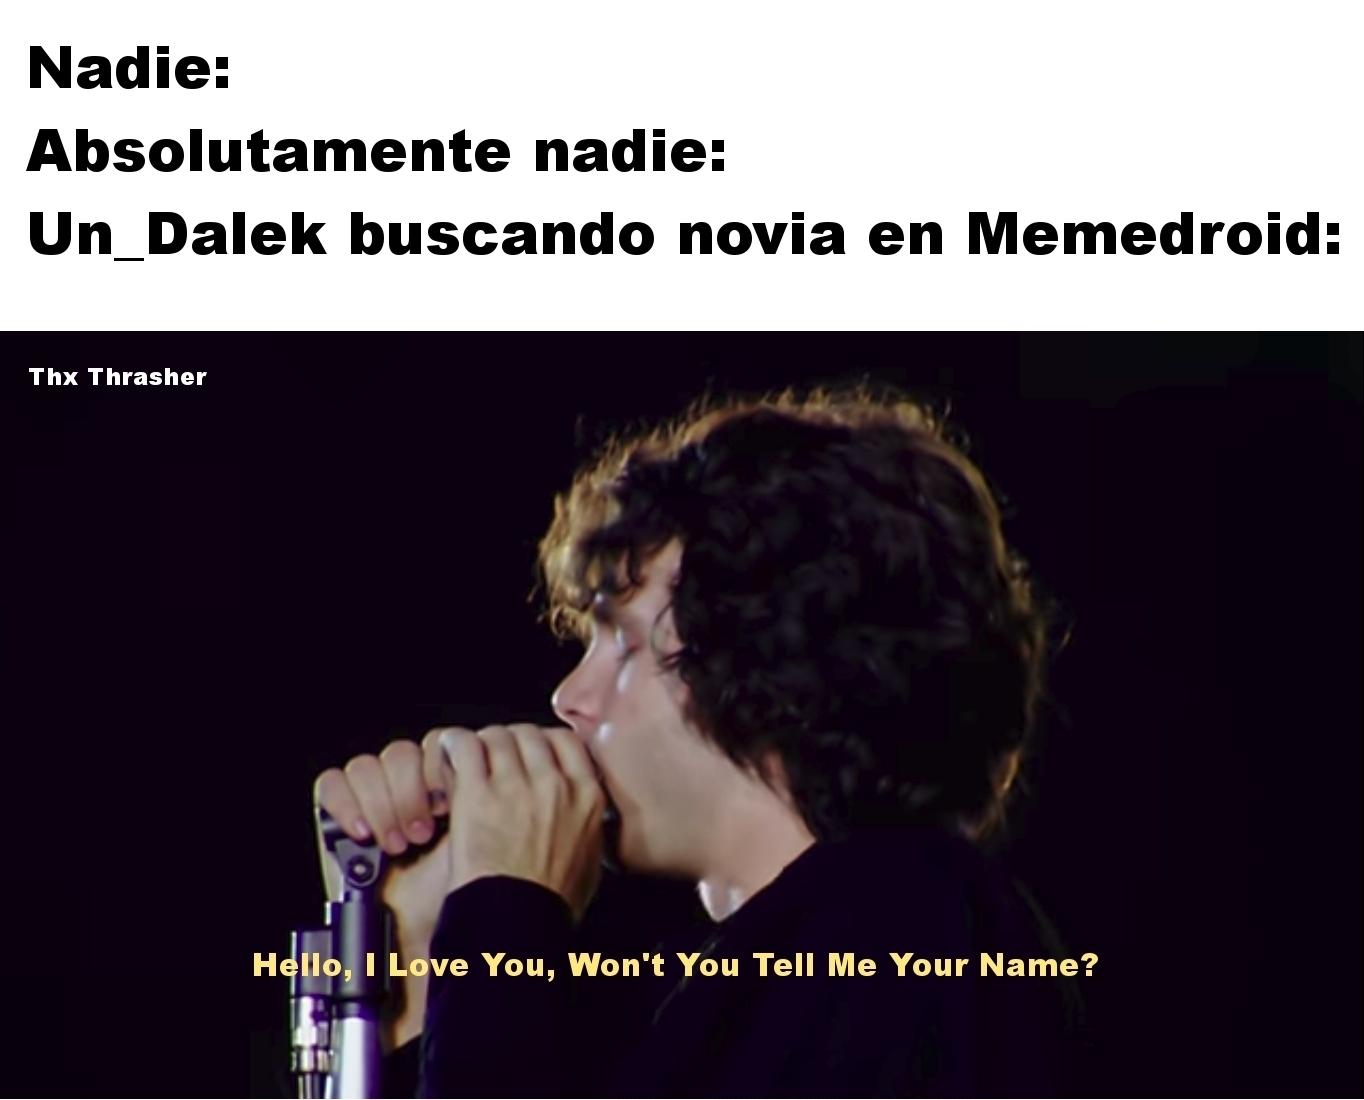 Virgo Man - meme